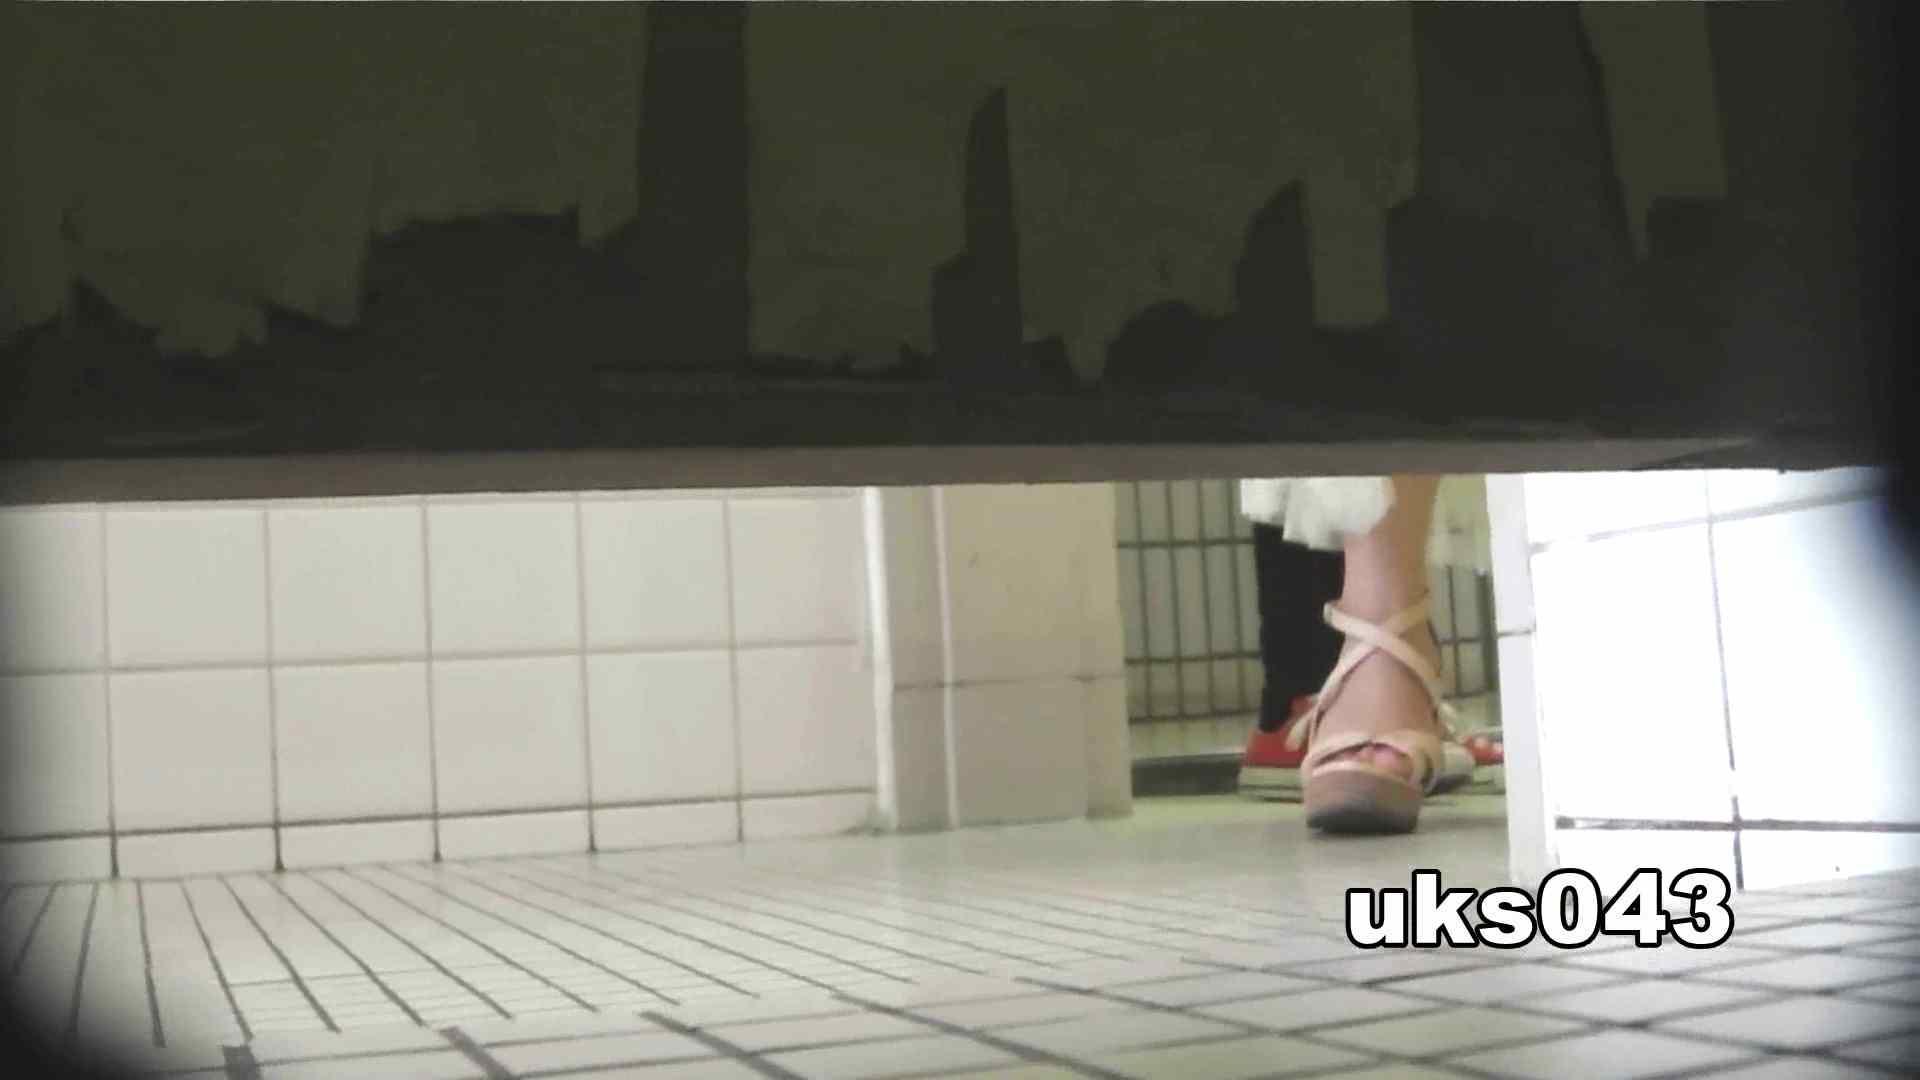 【美しき個室な世界】 vol.043 緊迫状況 OL女体  109連発 46